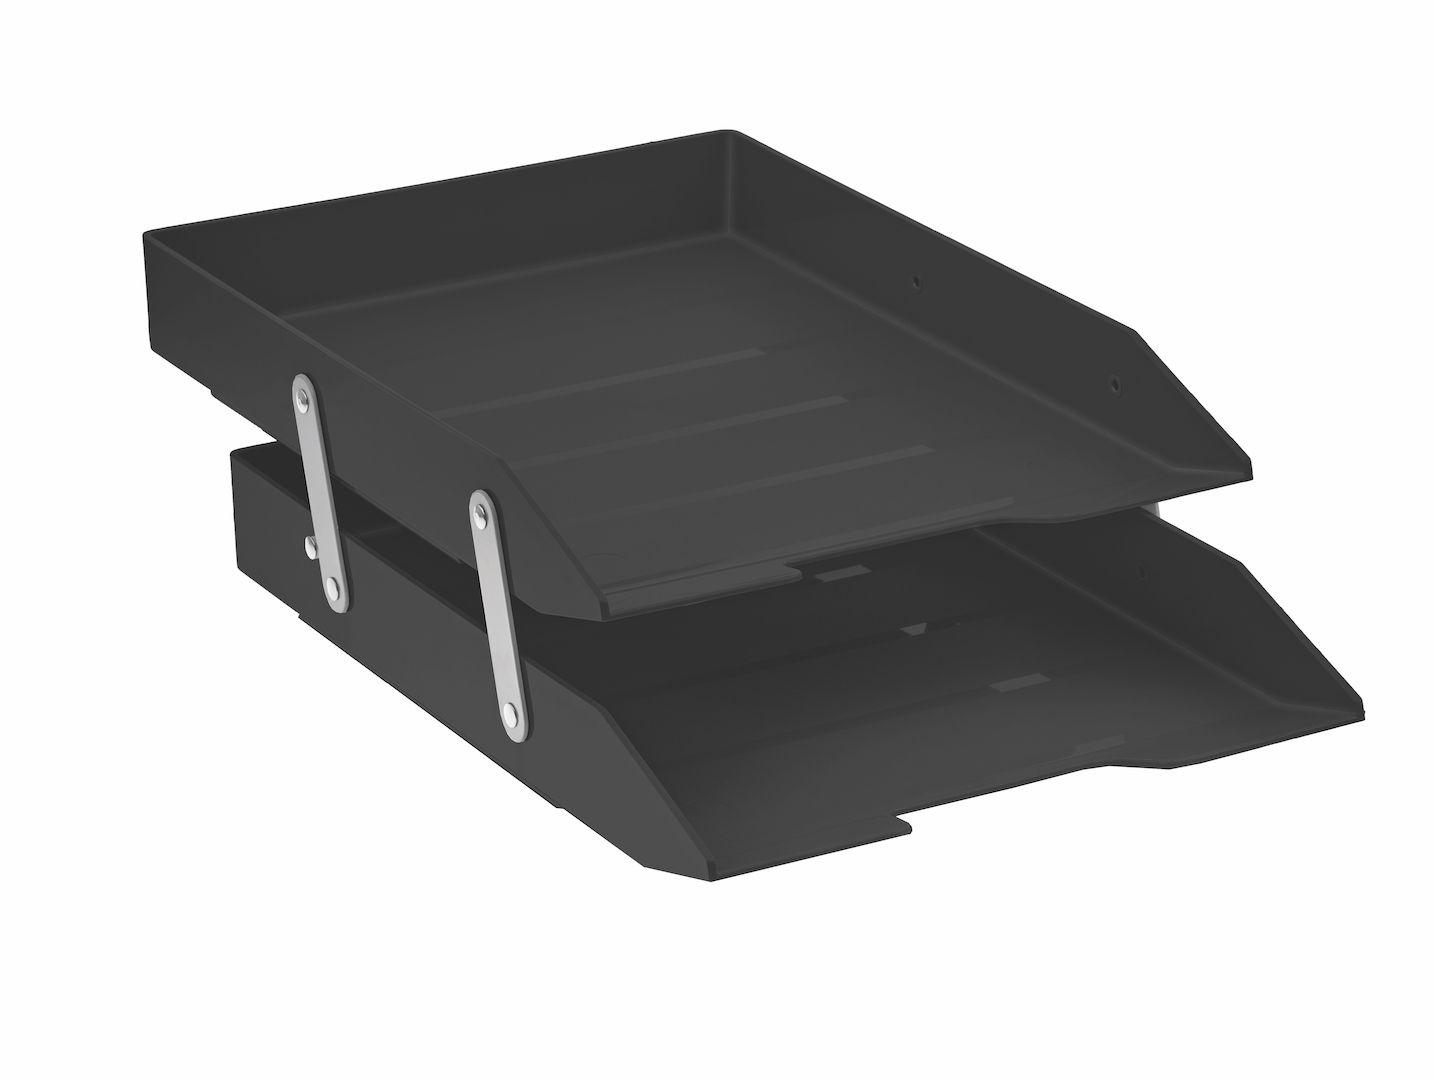 Caixa para correspondencia Acrimet 243.4 dupla articulada cor preto